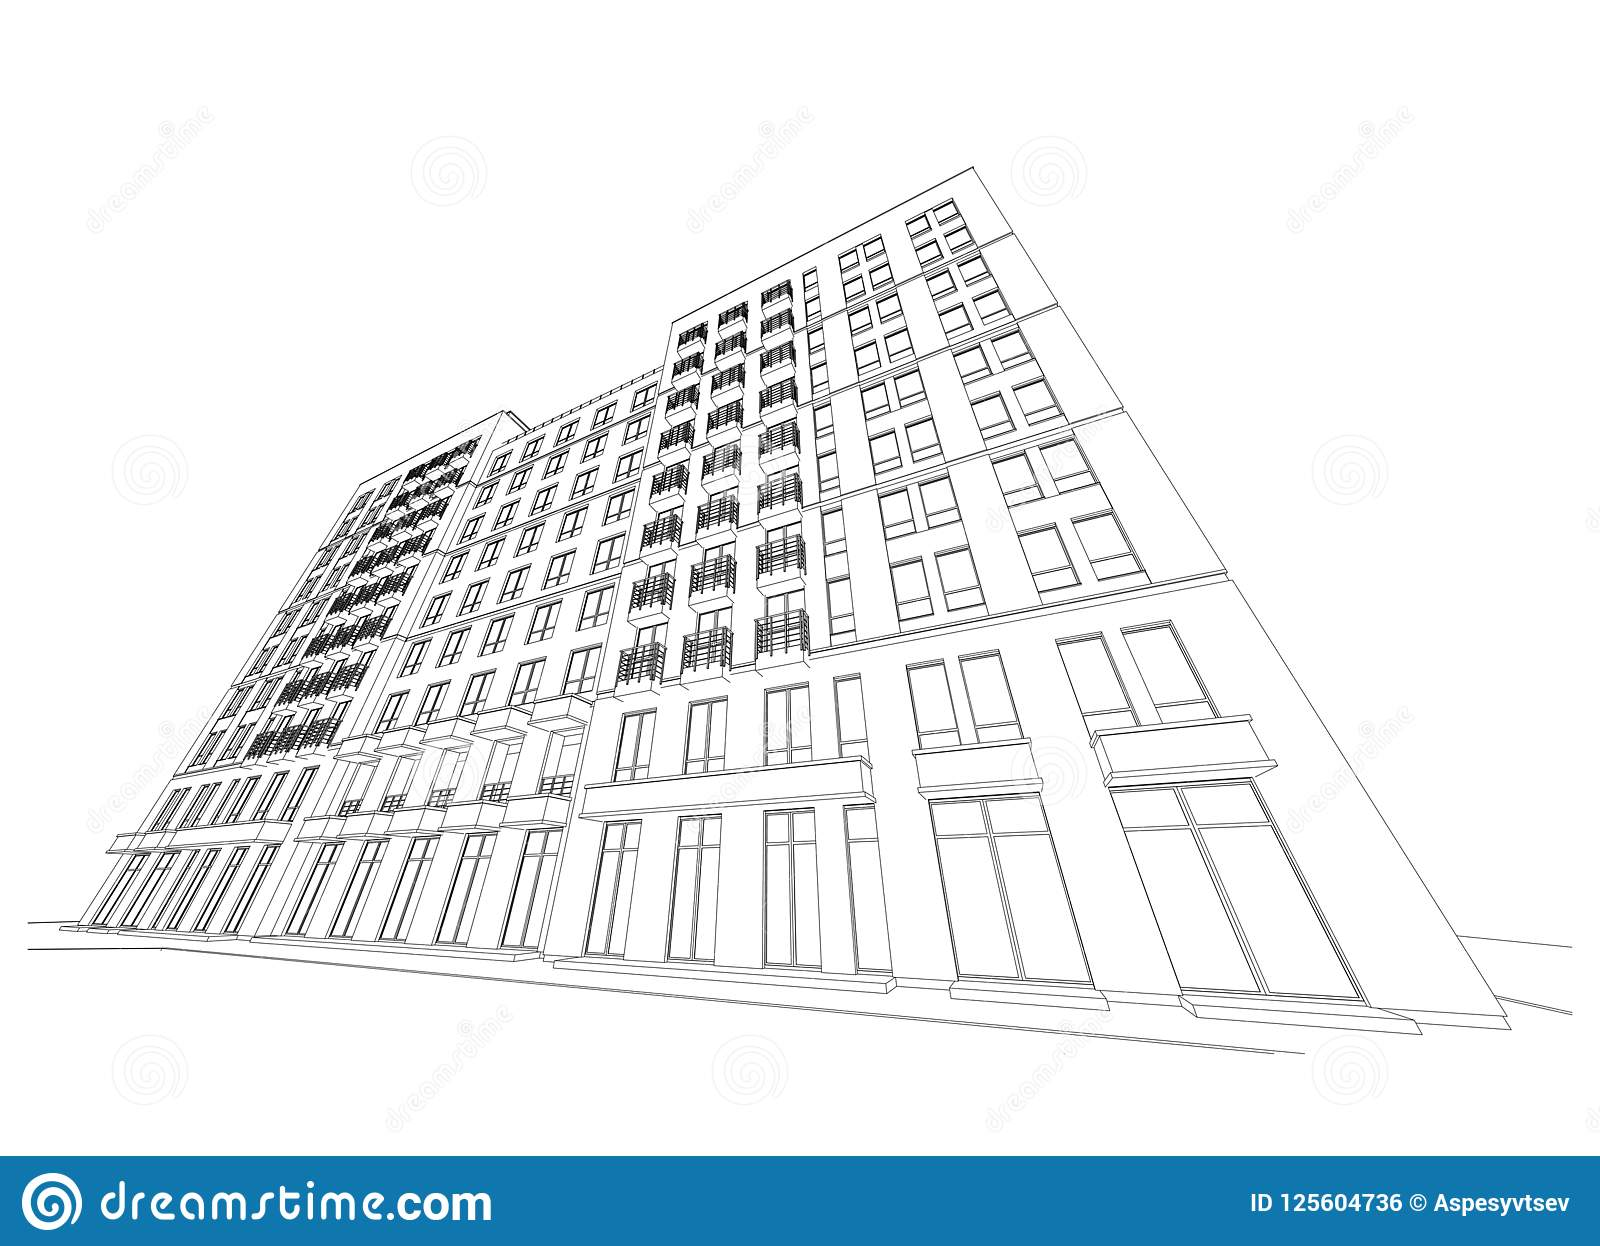 Plano arquitetónico detalhado da construção de vários andares com perspectiva de diminuição Ilustração do vetor